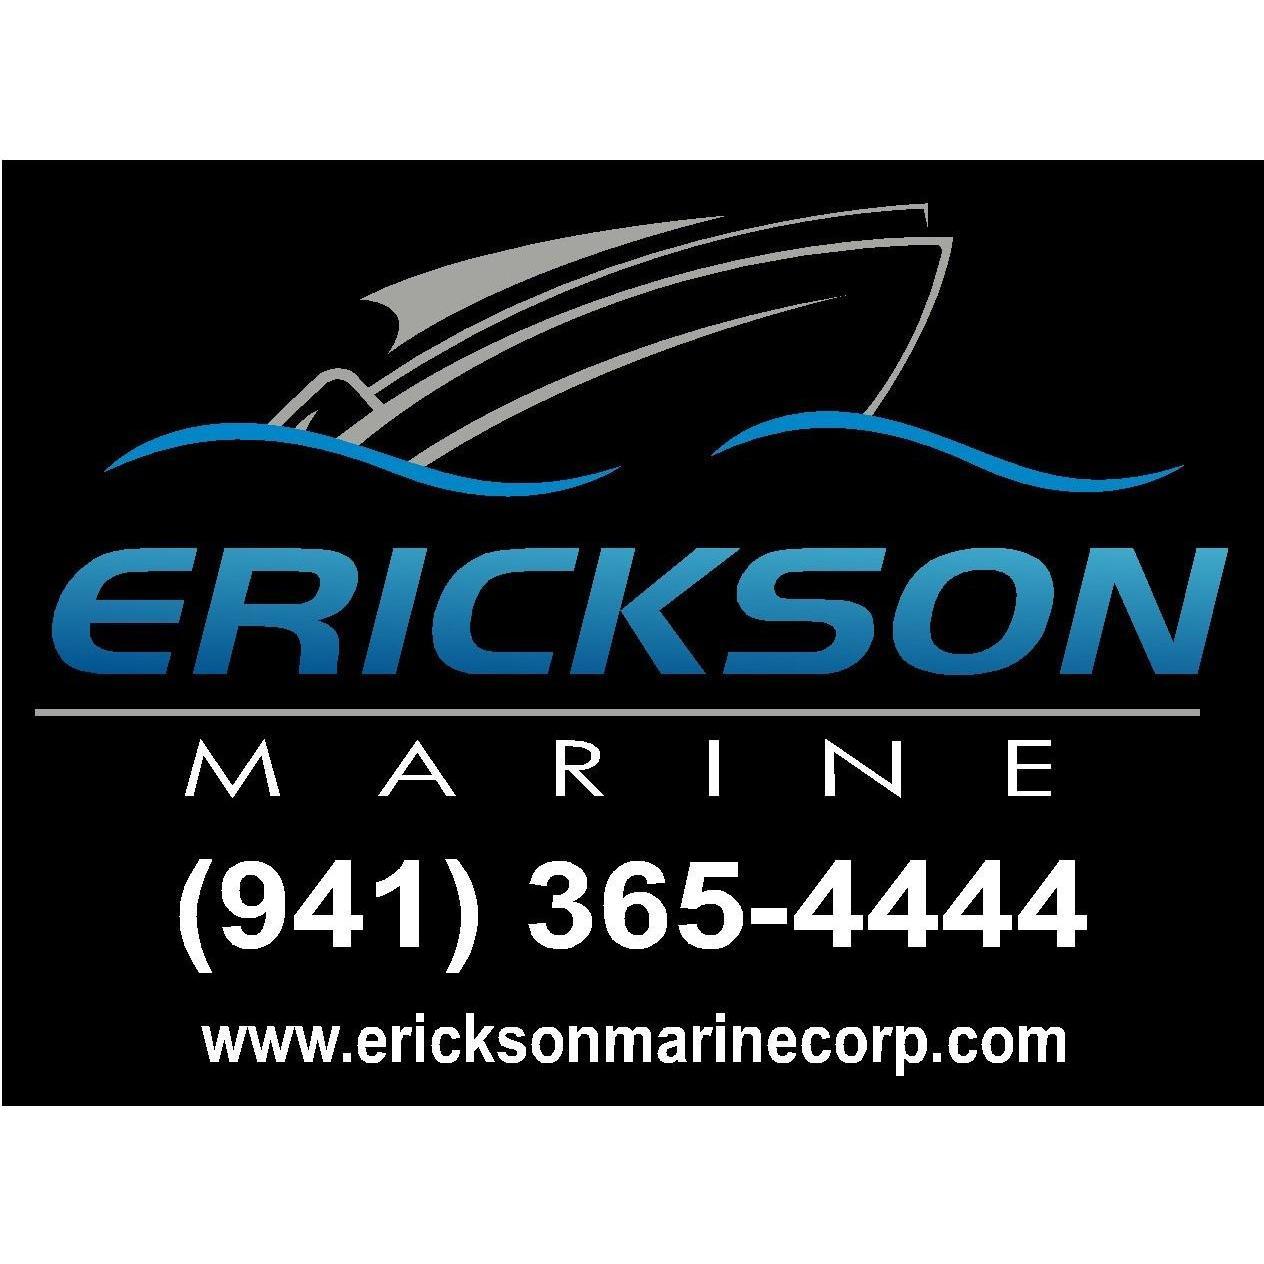 Erickson Marine